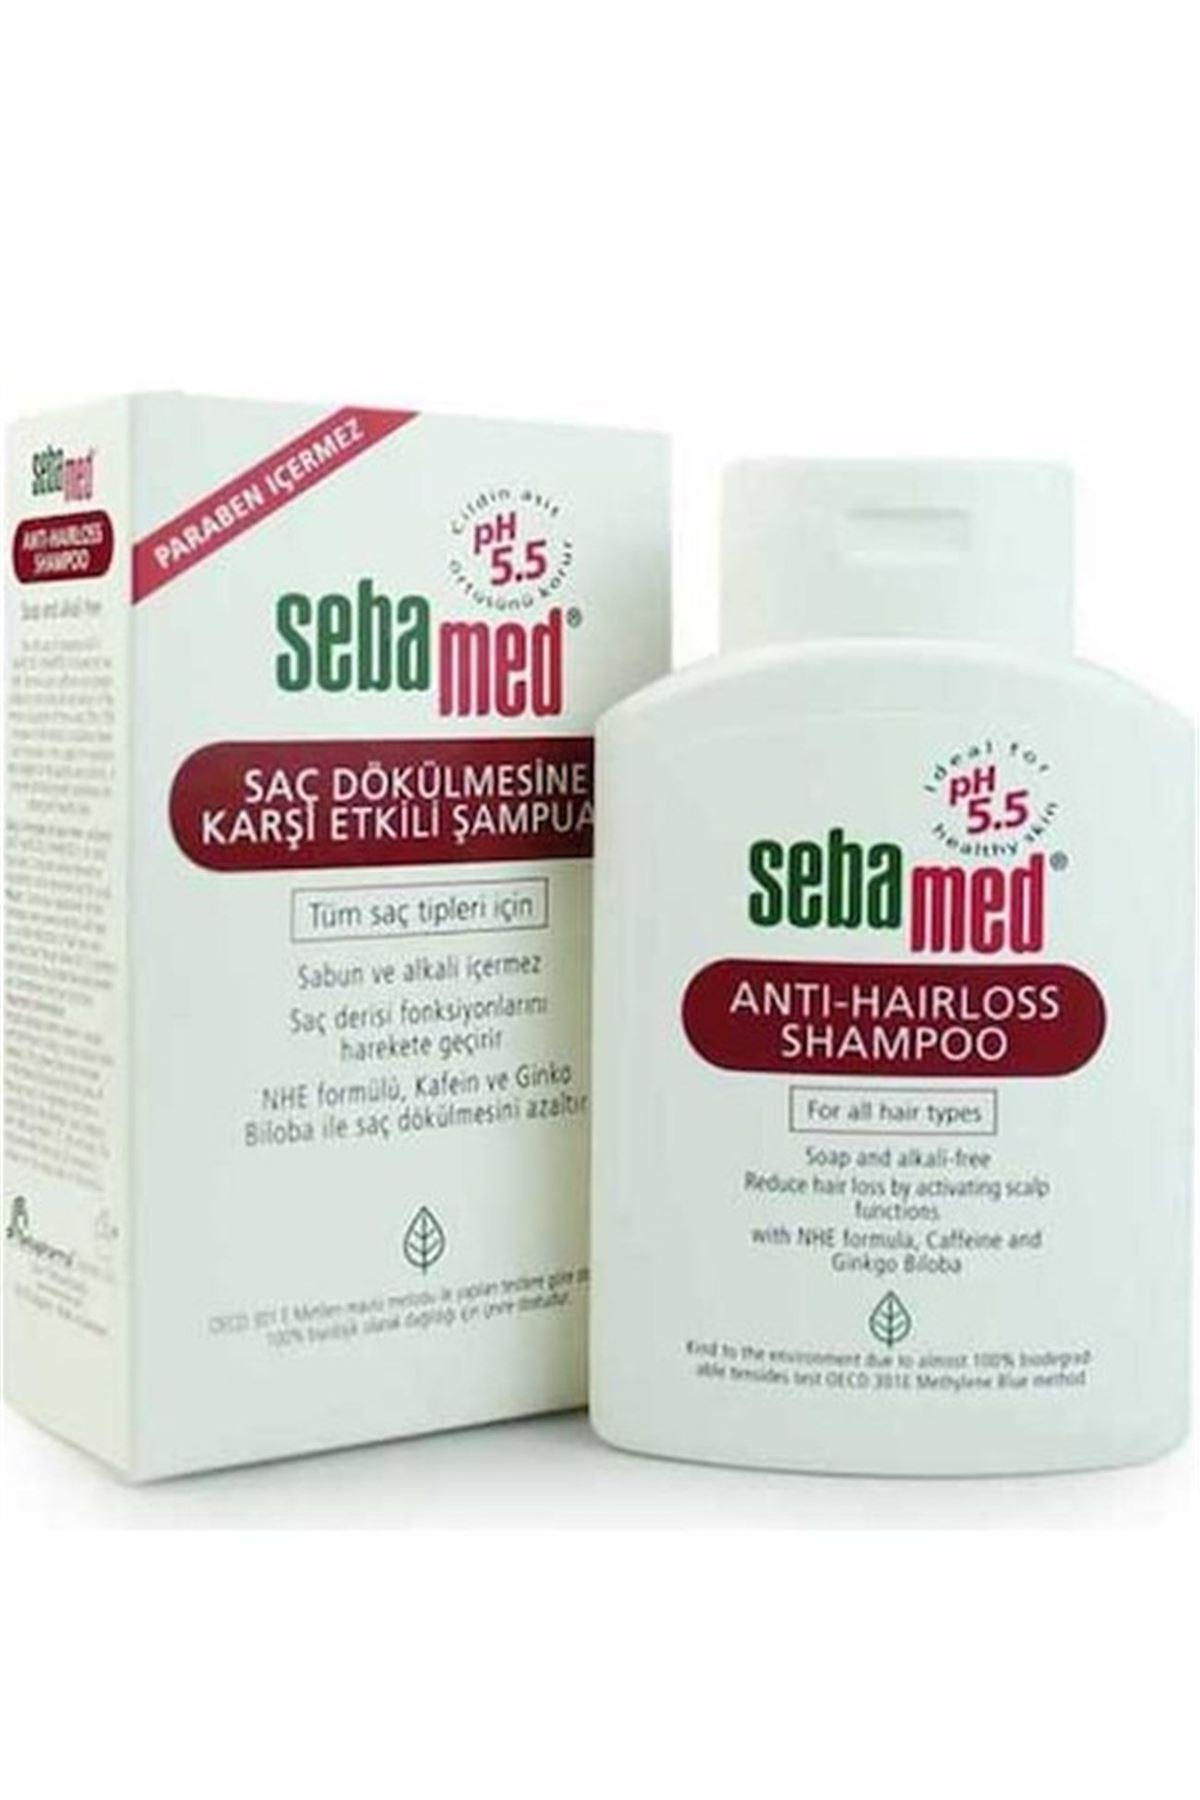 Sebamed Saç Dökülmesine Karşı Şampuan 400ml